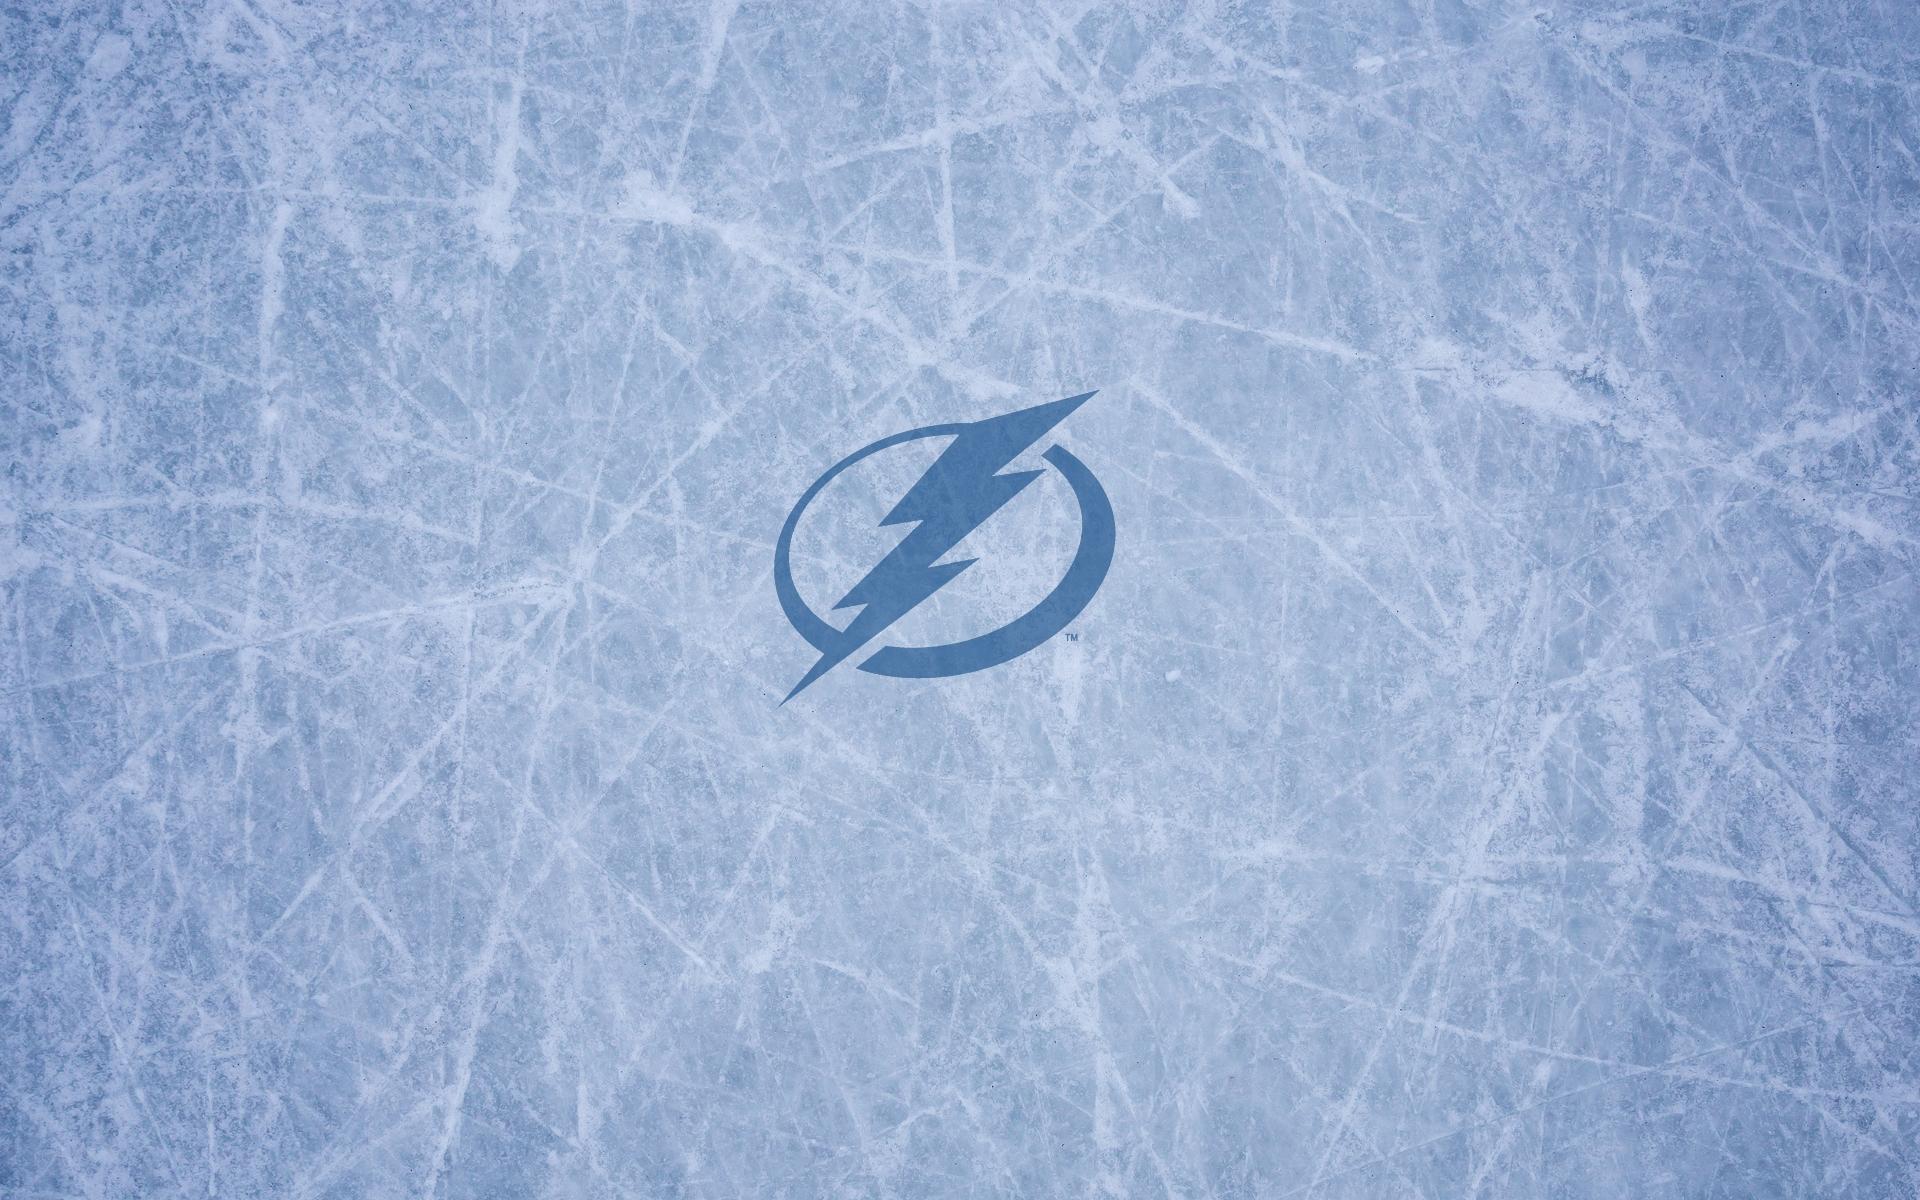 Tampa bay lightning logos download - Tampa bay lightning wallpaper ...